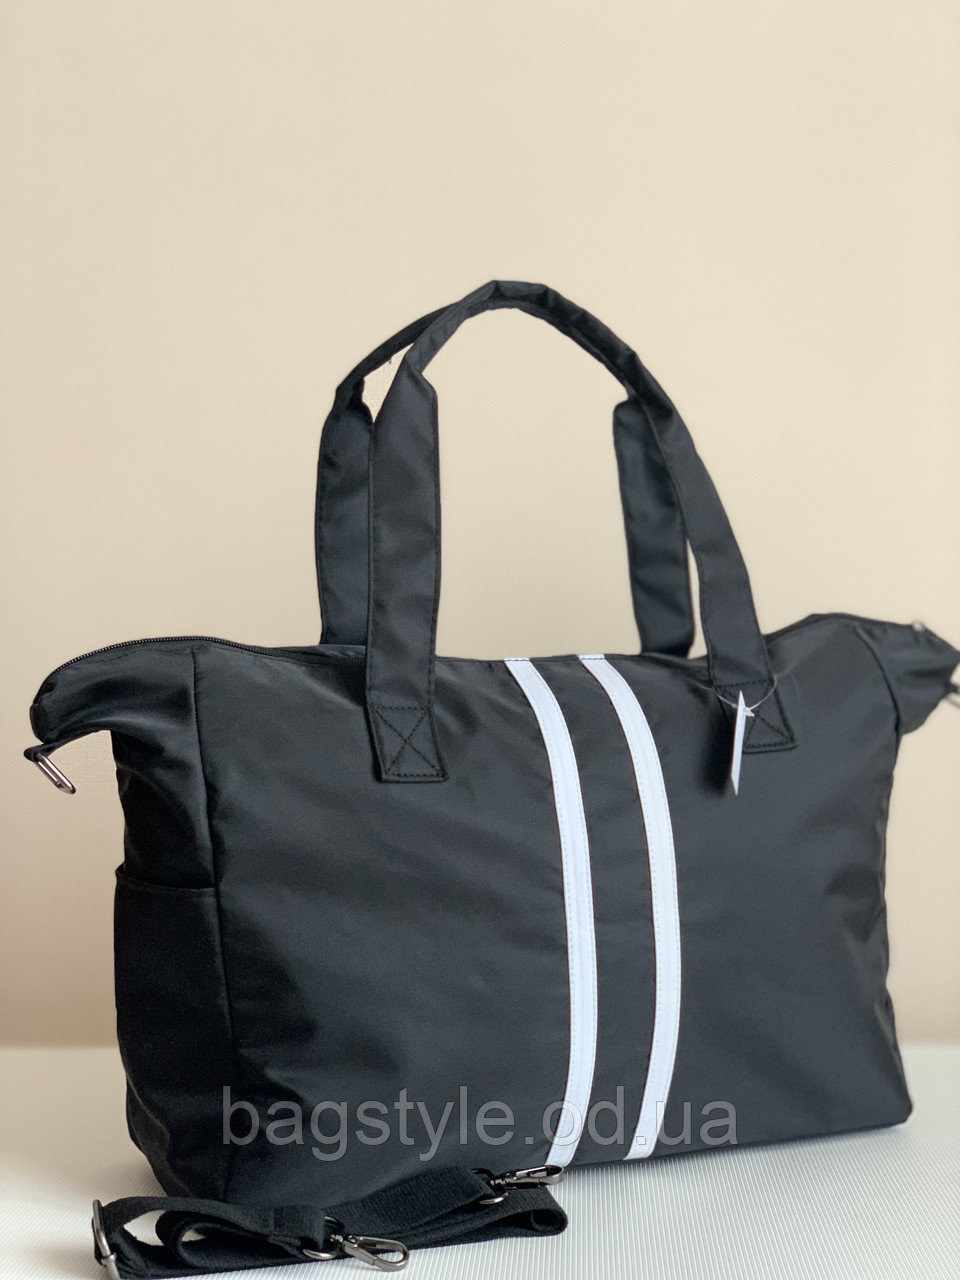 Женская сумка шоппер тканевая черная городская